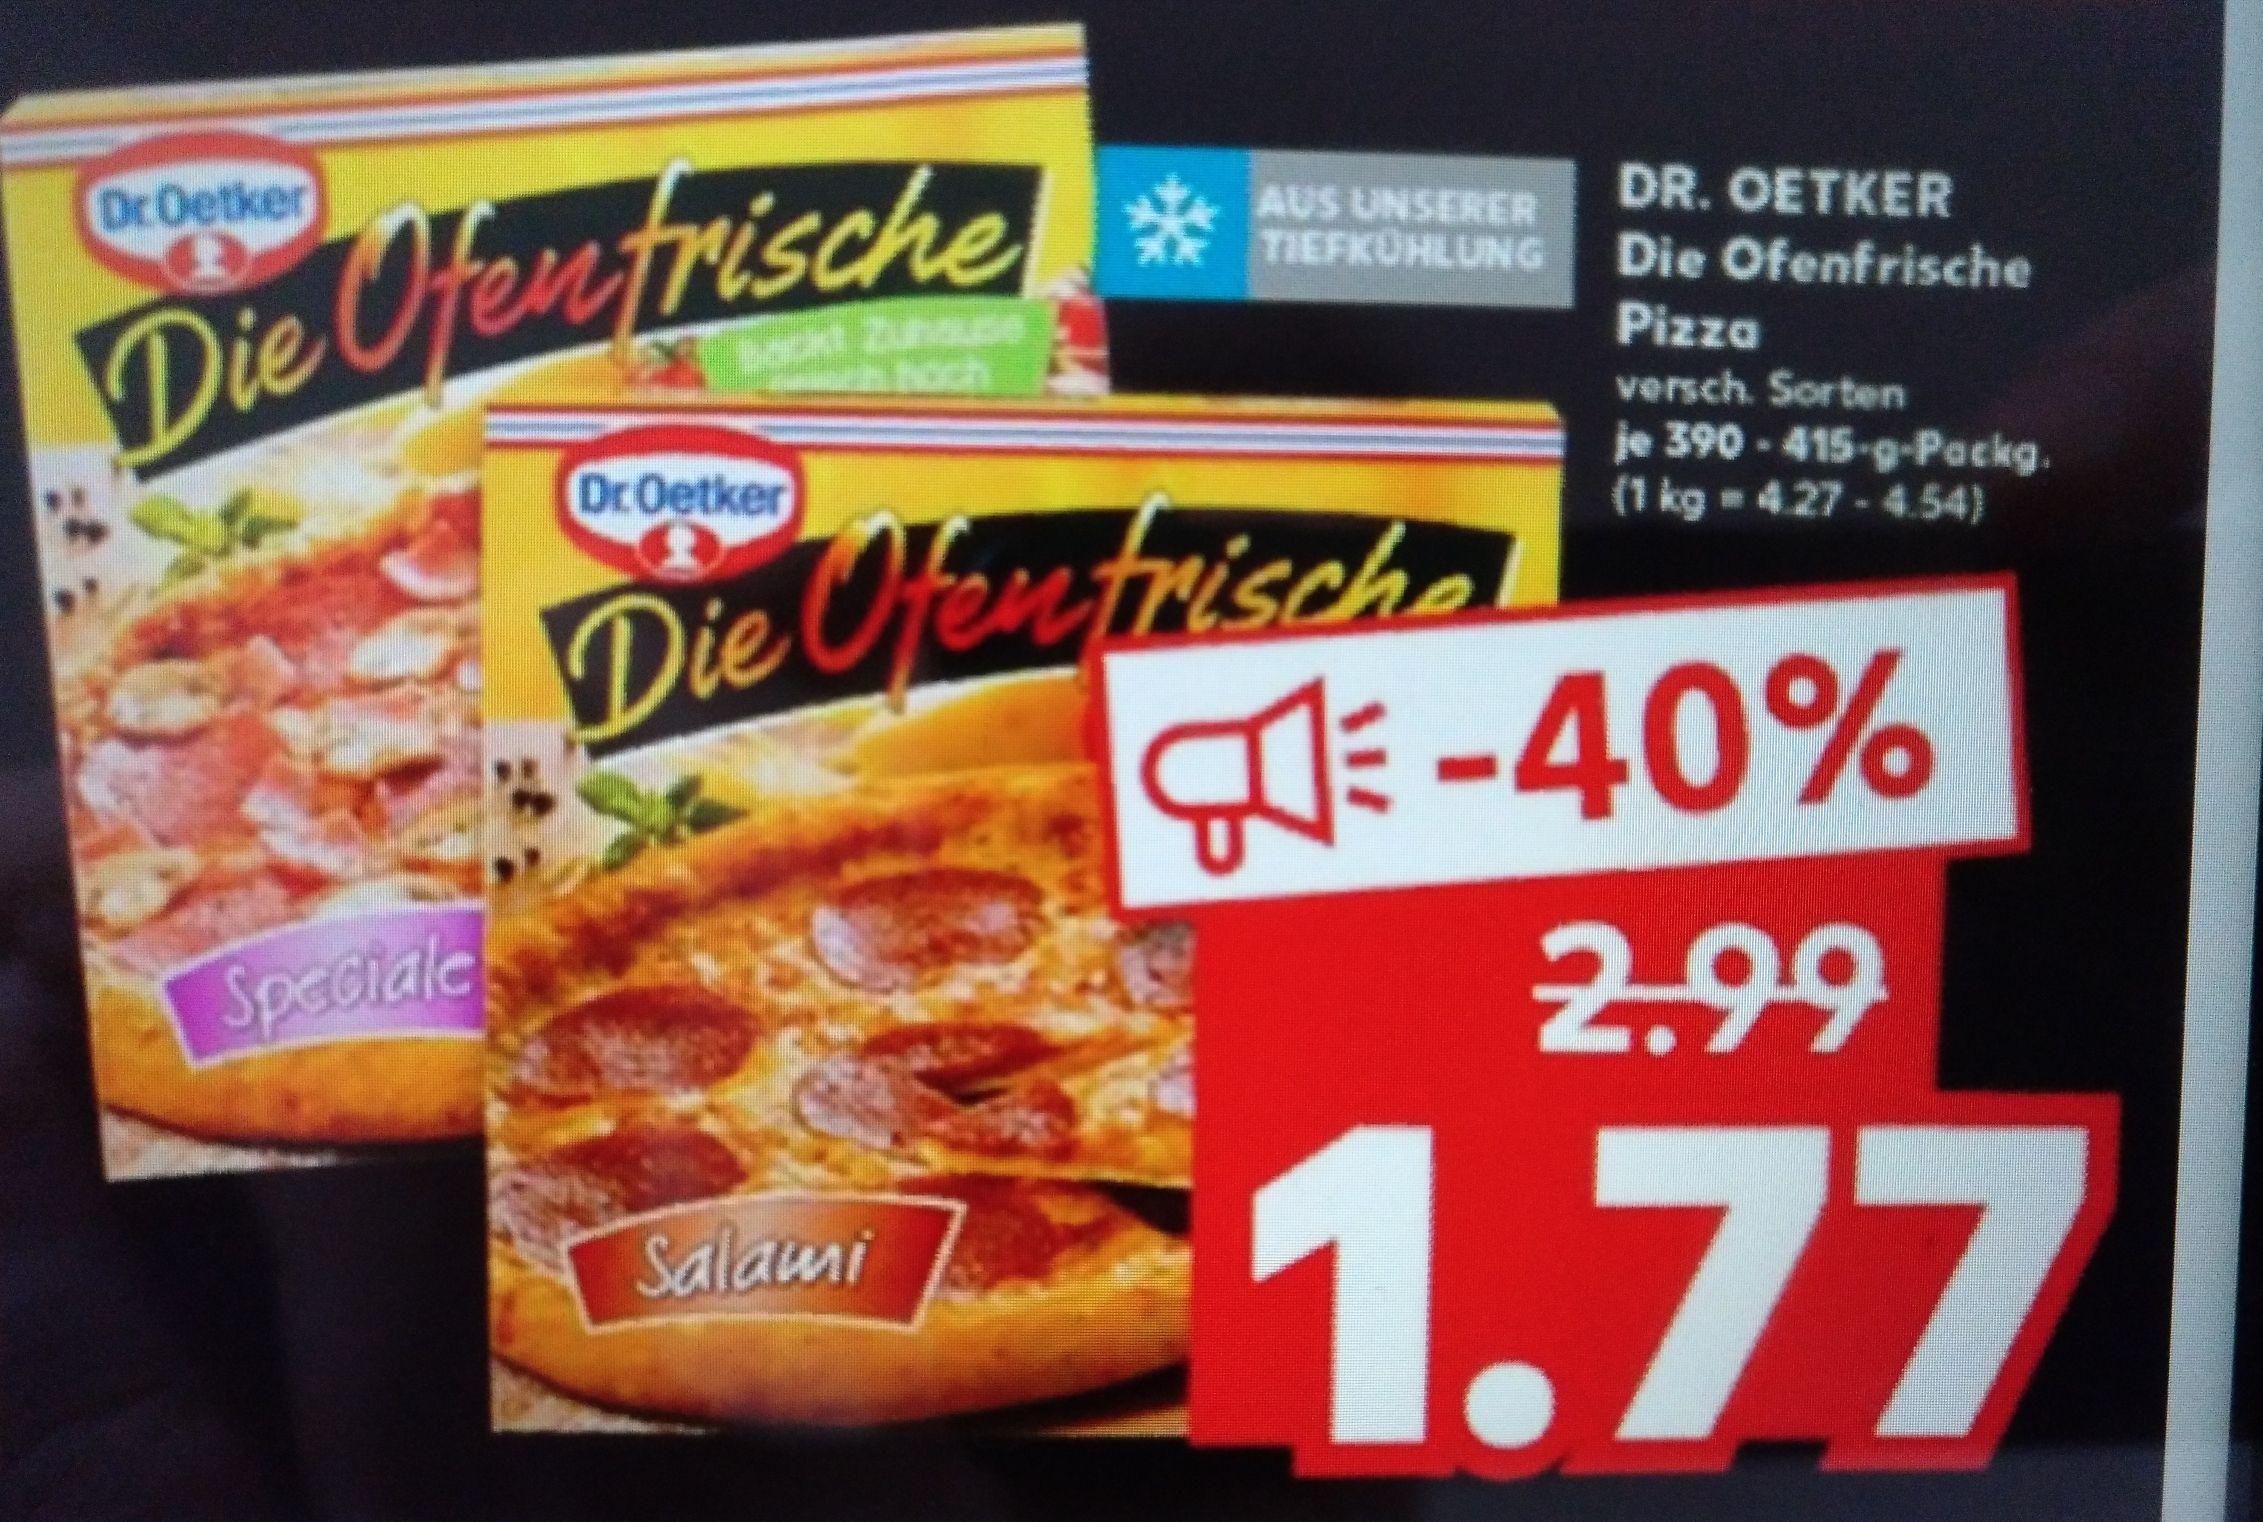 Kaufland: Dr. Oetker- Die Ofenfrische Pizza in verschiedenen Sorten